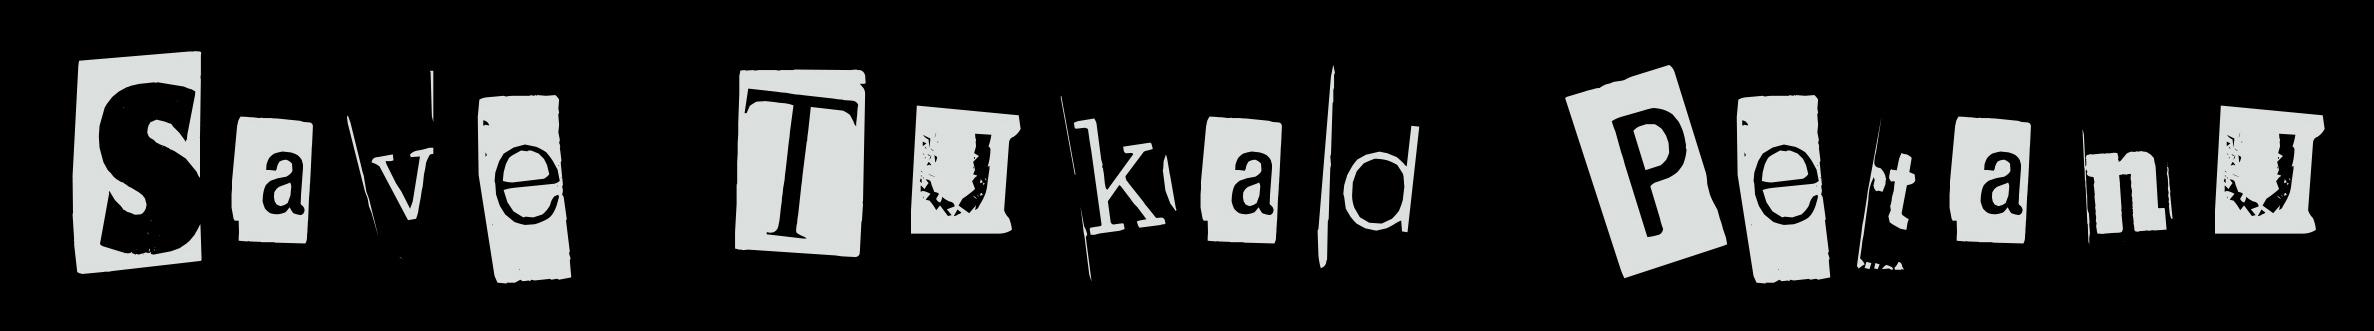 #savetukadpetanu-blog